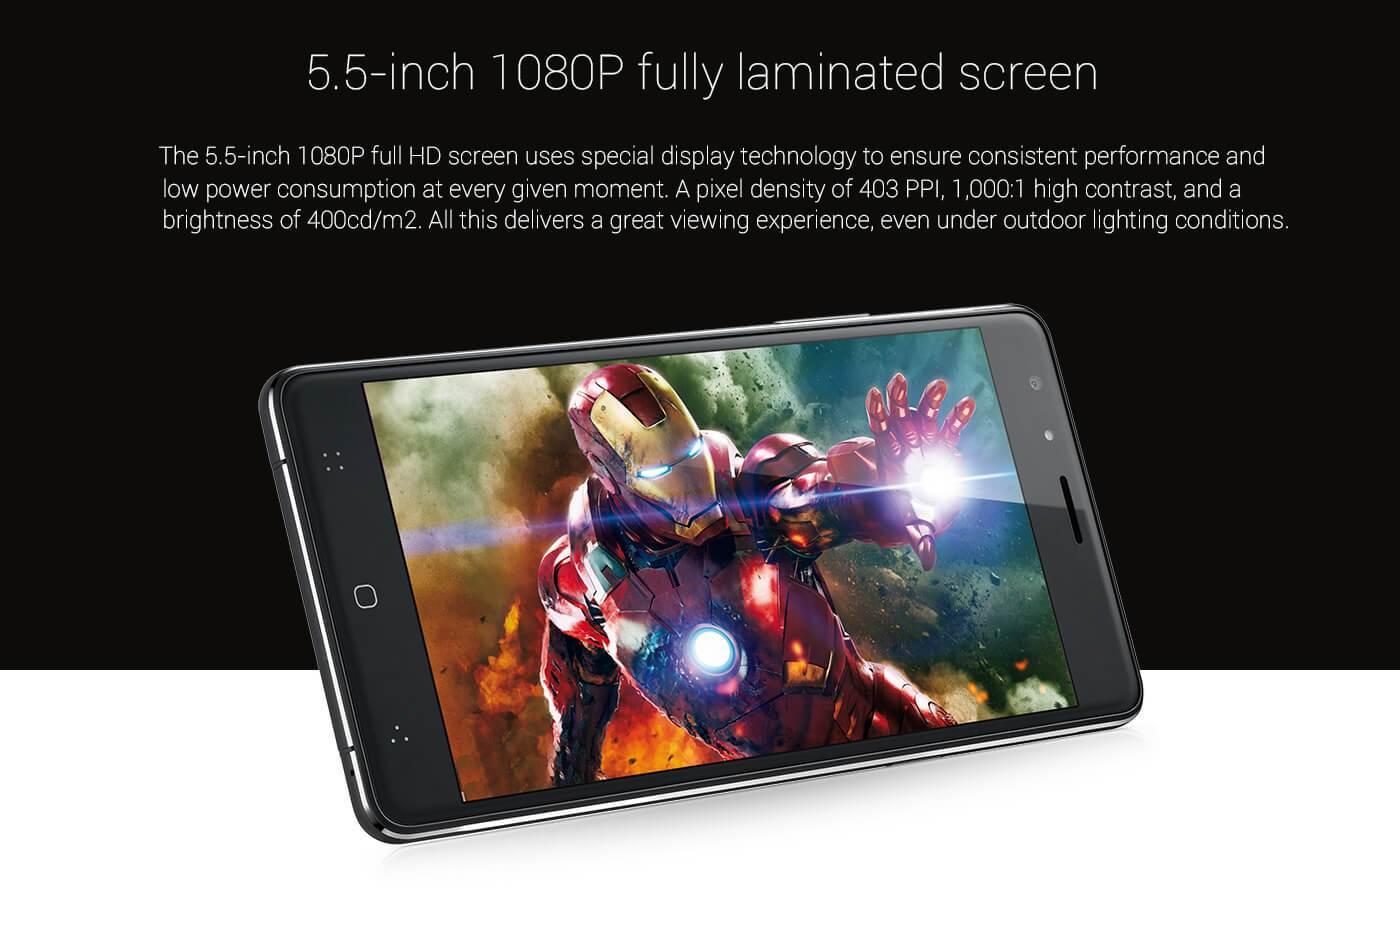 199 Dolara 3GB Ram, 3800 mAh Bataryalı telefon: Zeaplus M7! 1